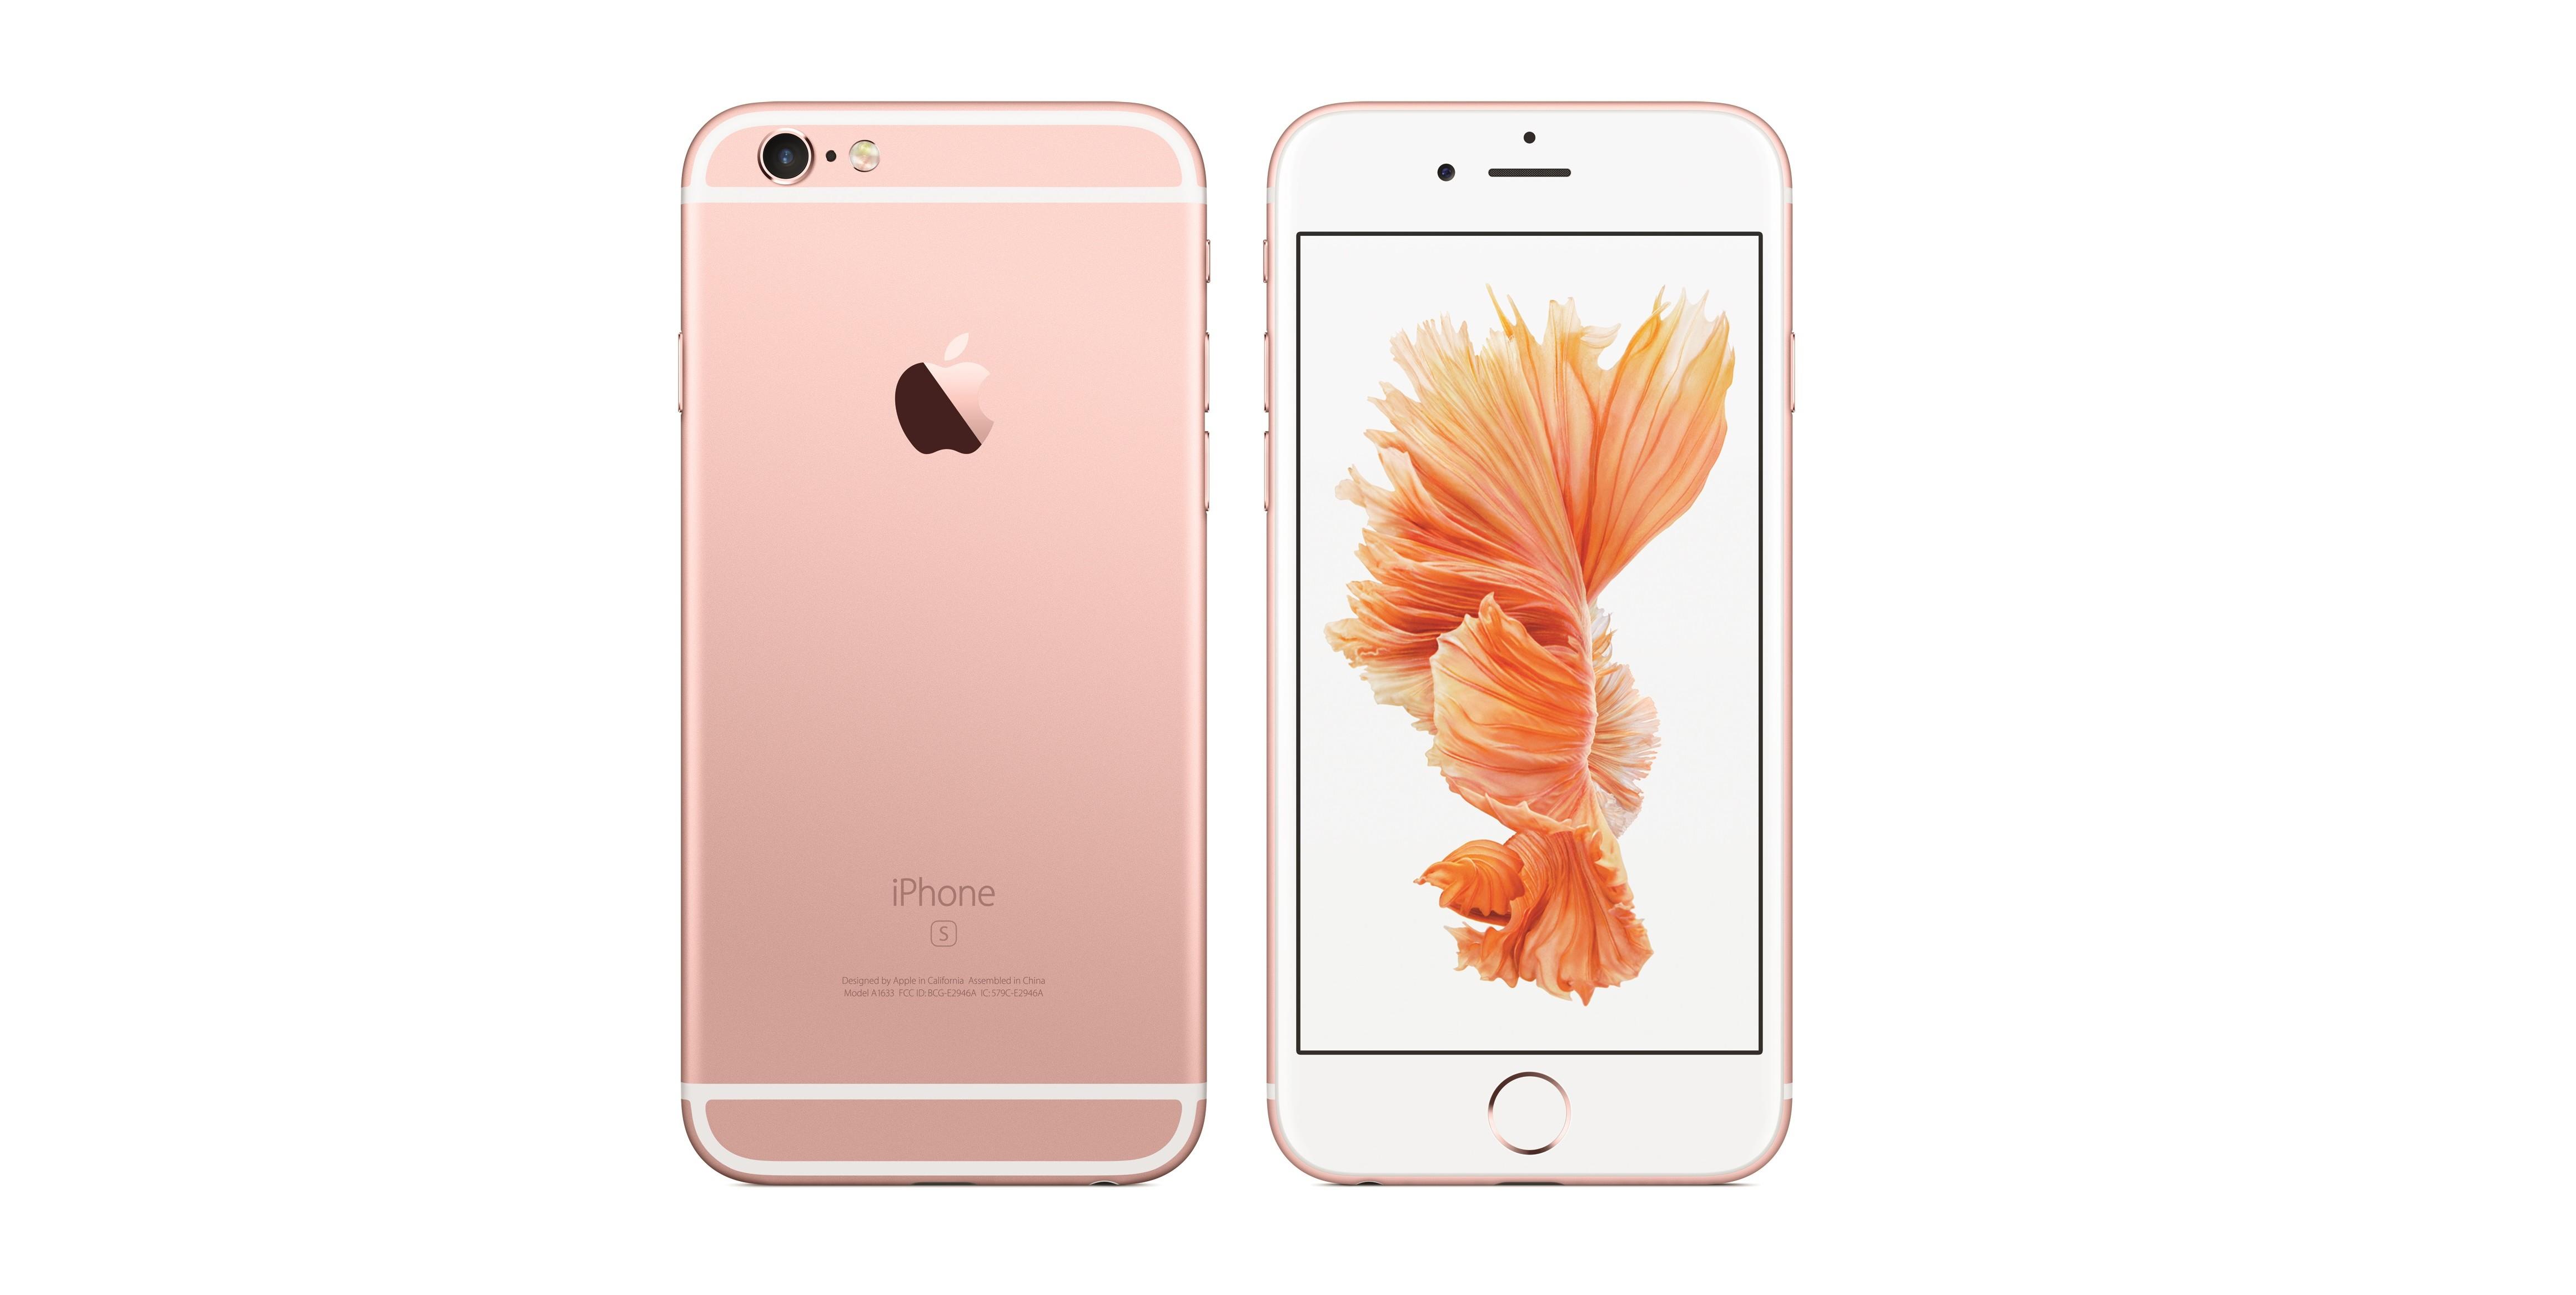 De nye iPhone-modellene knuser Android-telefonen i ytelsestester.